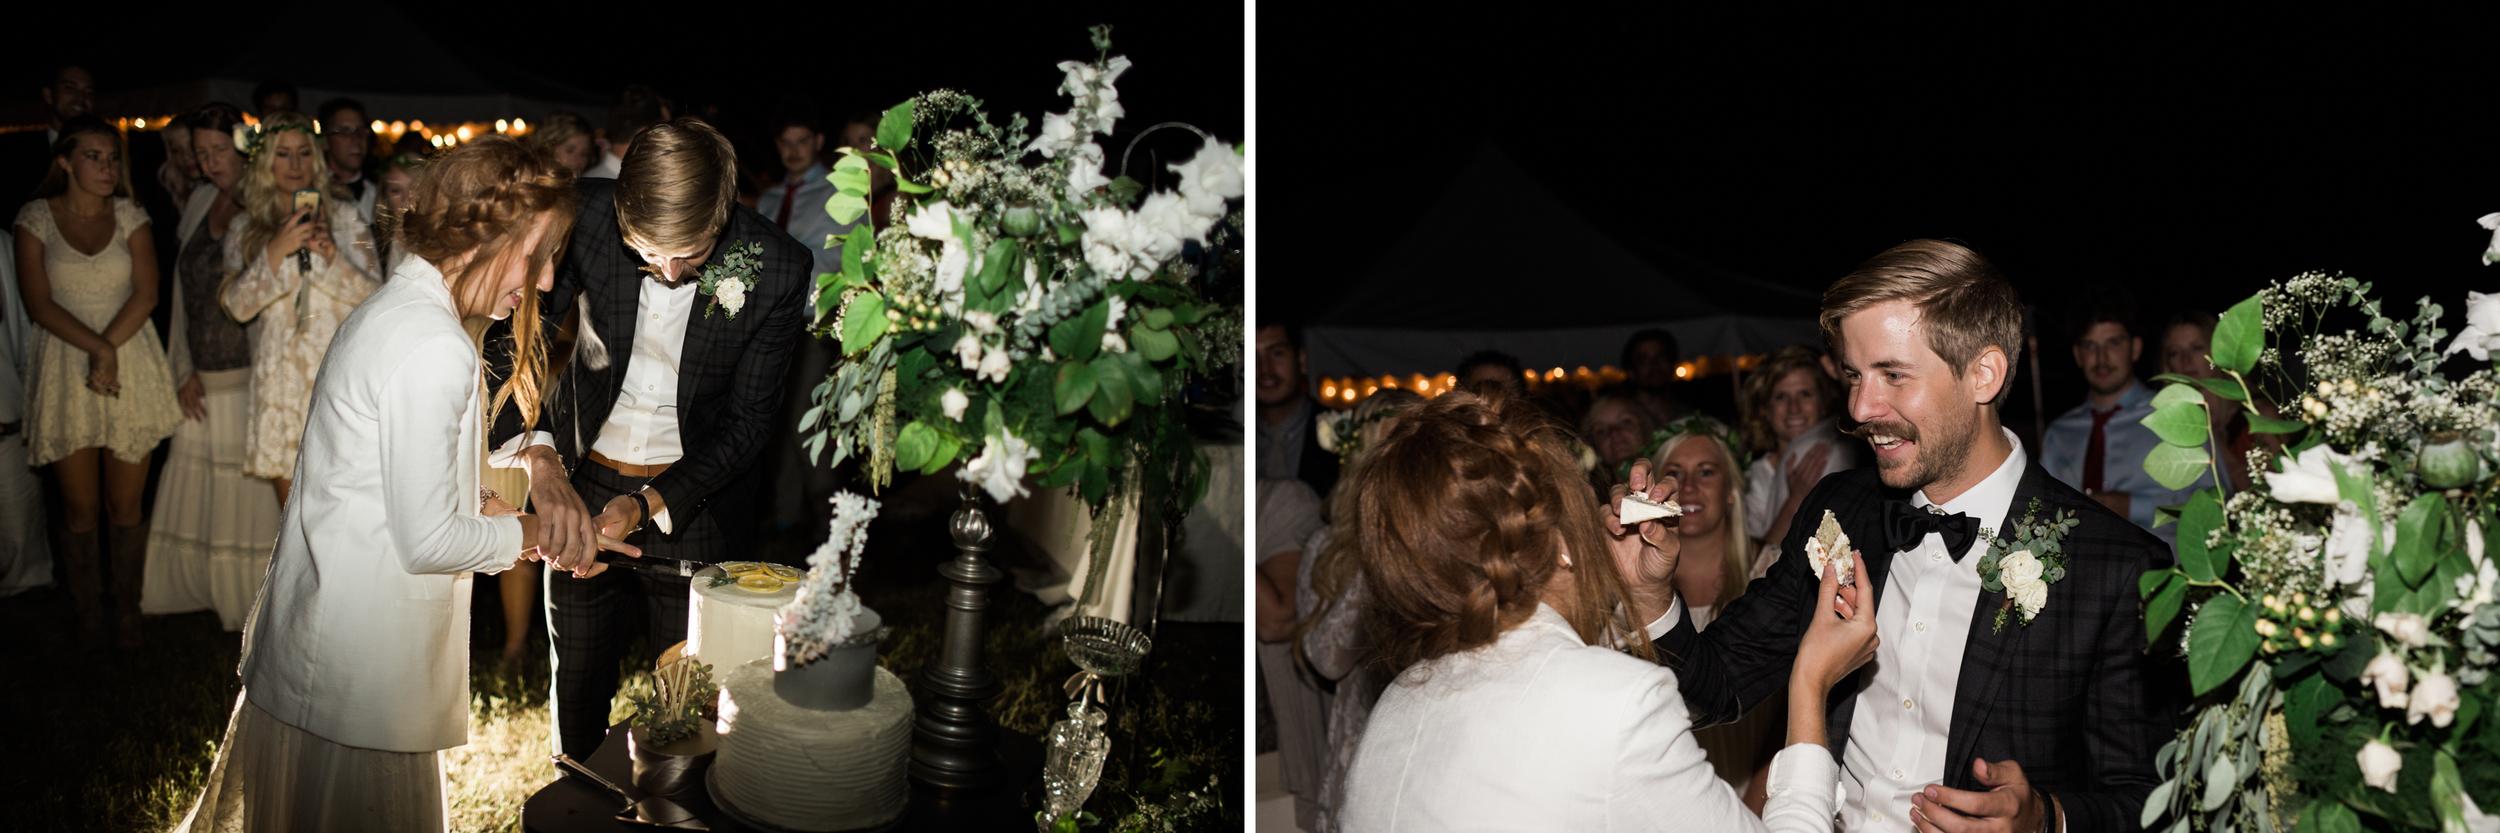 Salt-Lake-City-Utah-Wedding-024.jpg